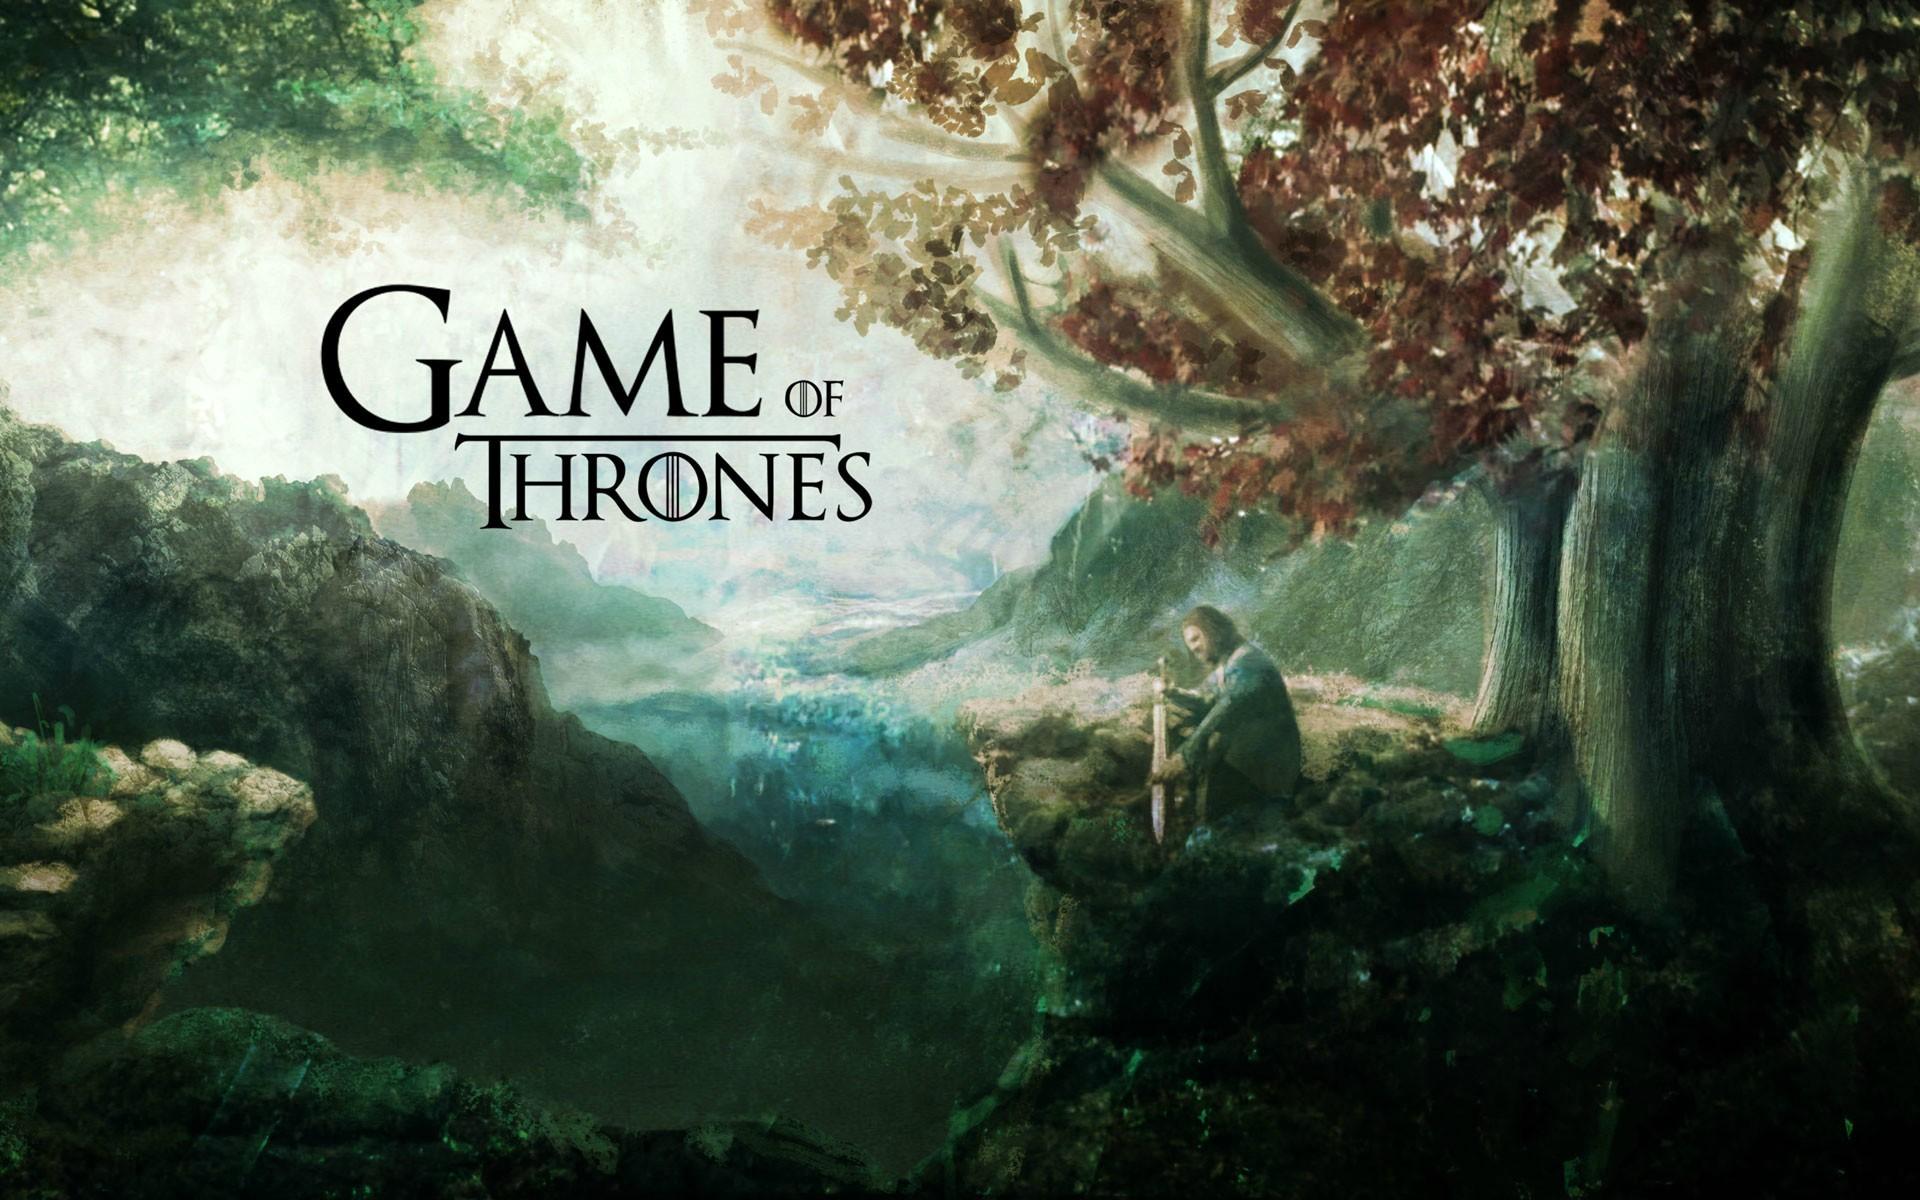 """Компания HBO накажет скачавших """"Игру престолов"""""""